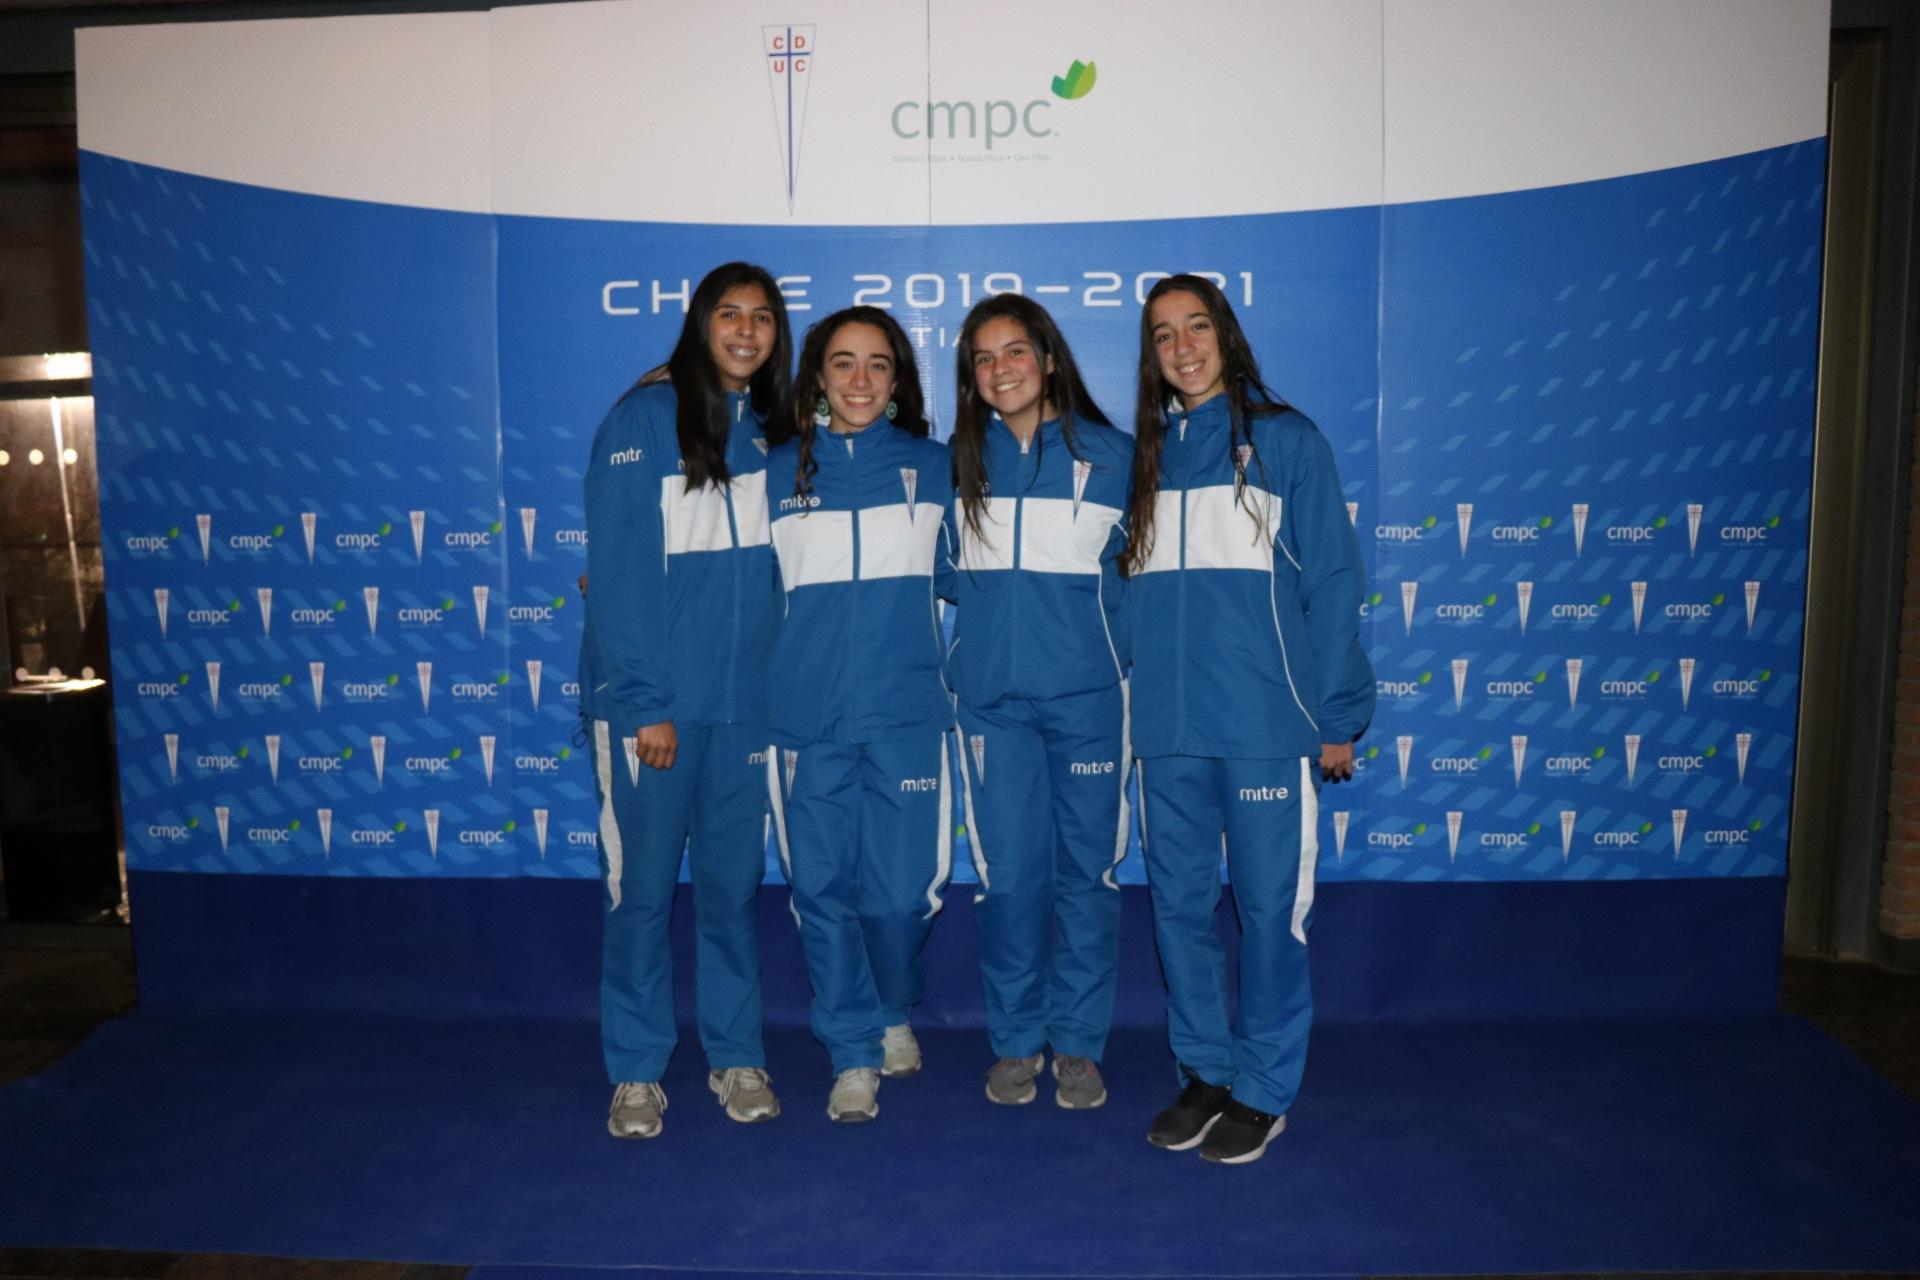 Club Deportivo UC y CMPC sellan alianza para promover la práctica deportiva